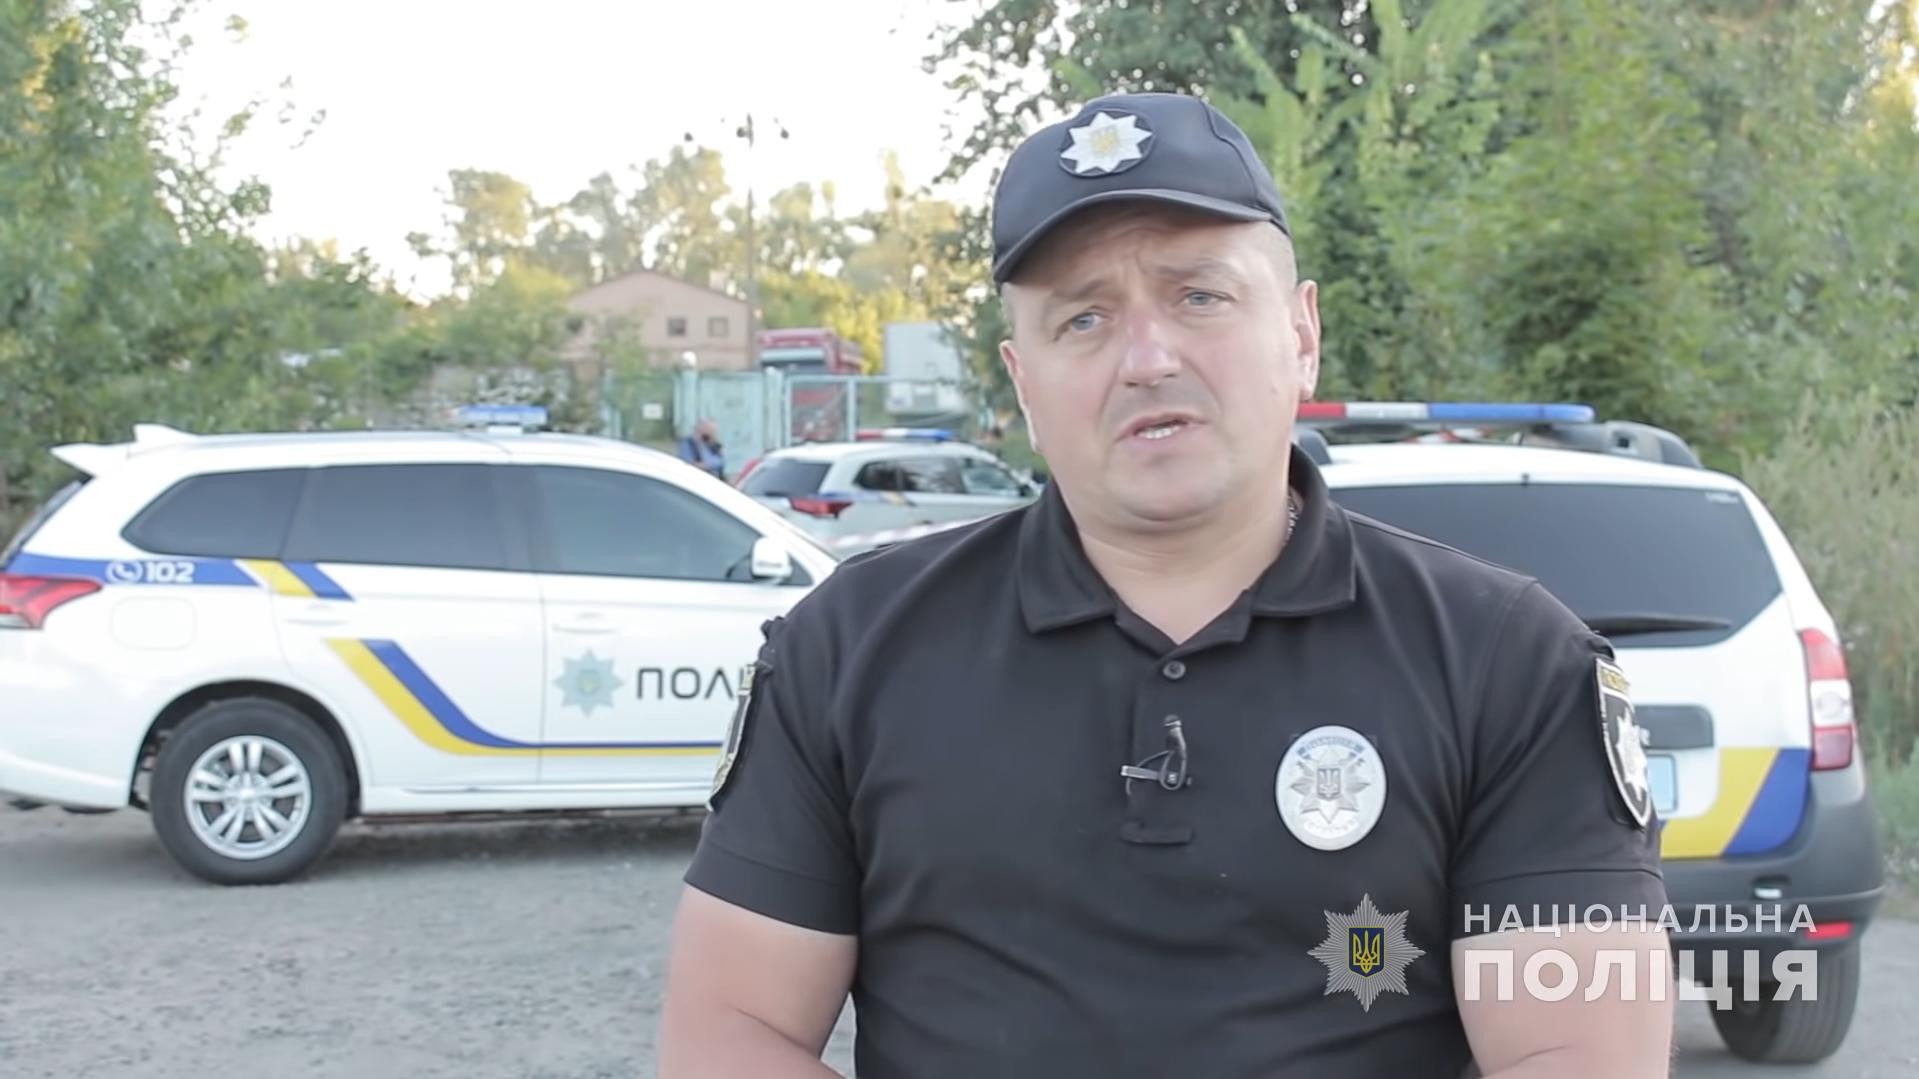 Поліцейський Петро Гума, якому загрожував гранатою Скрипник